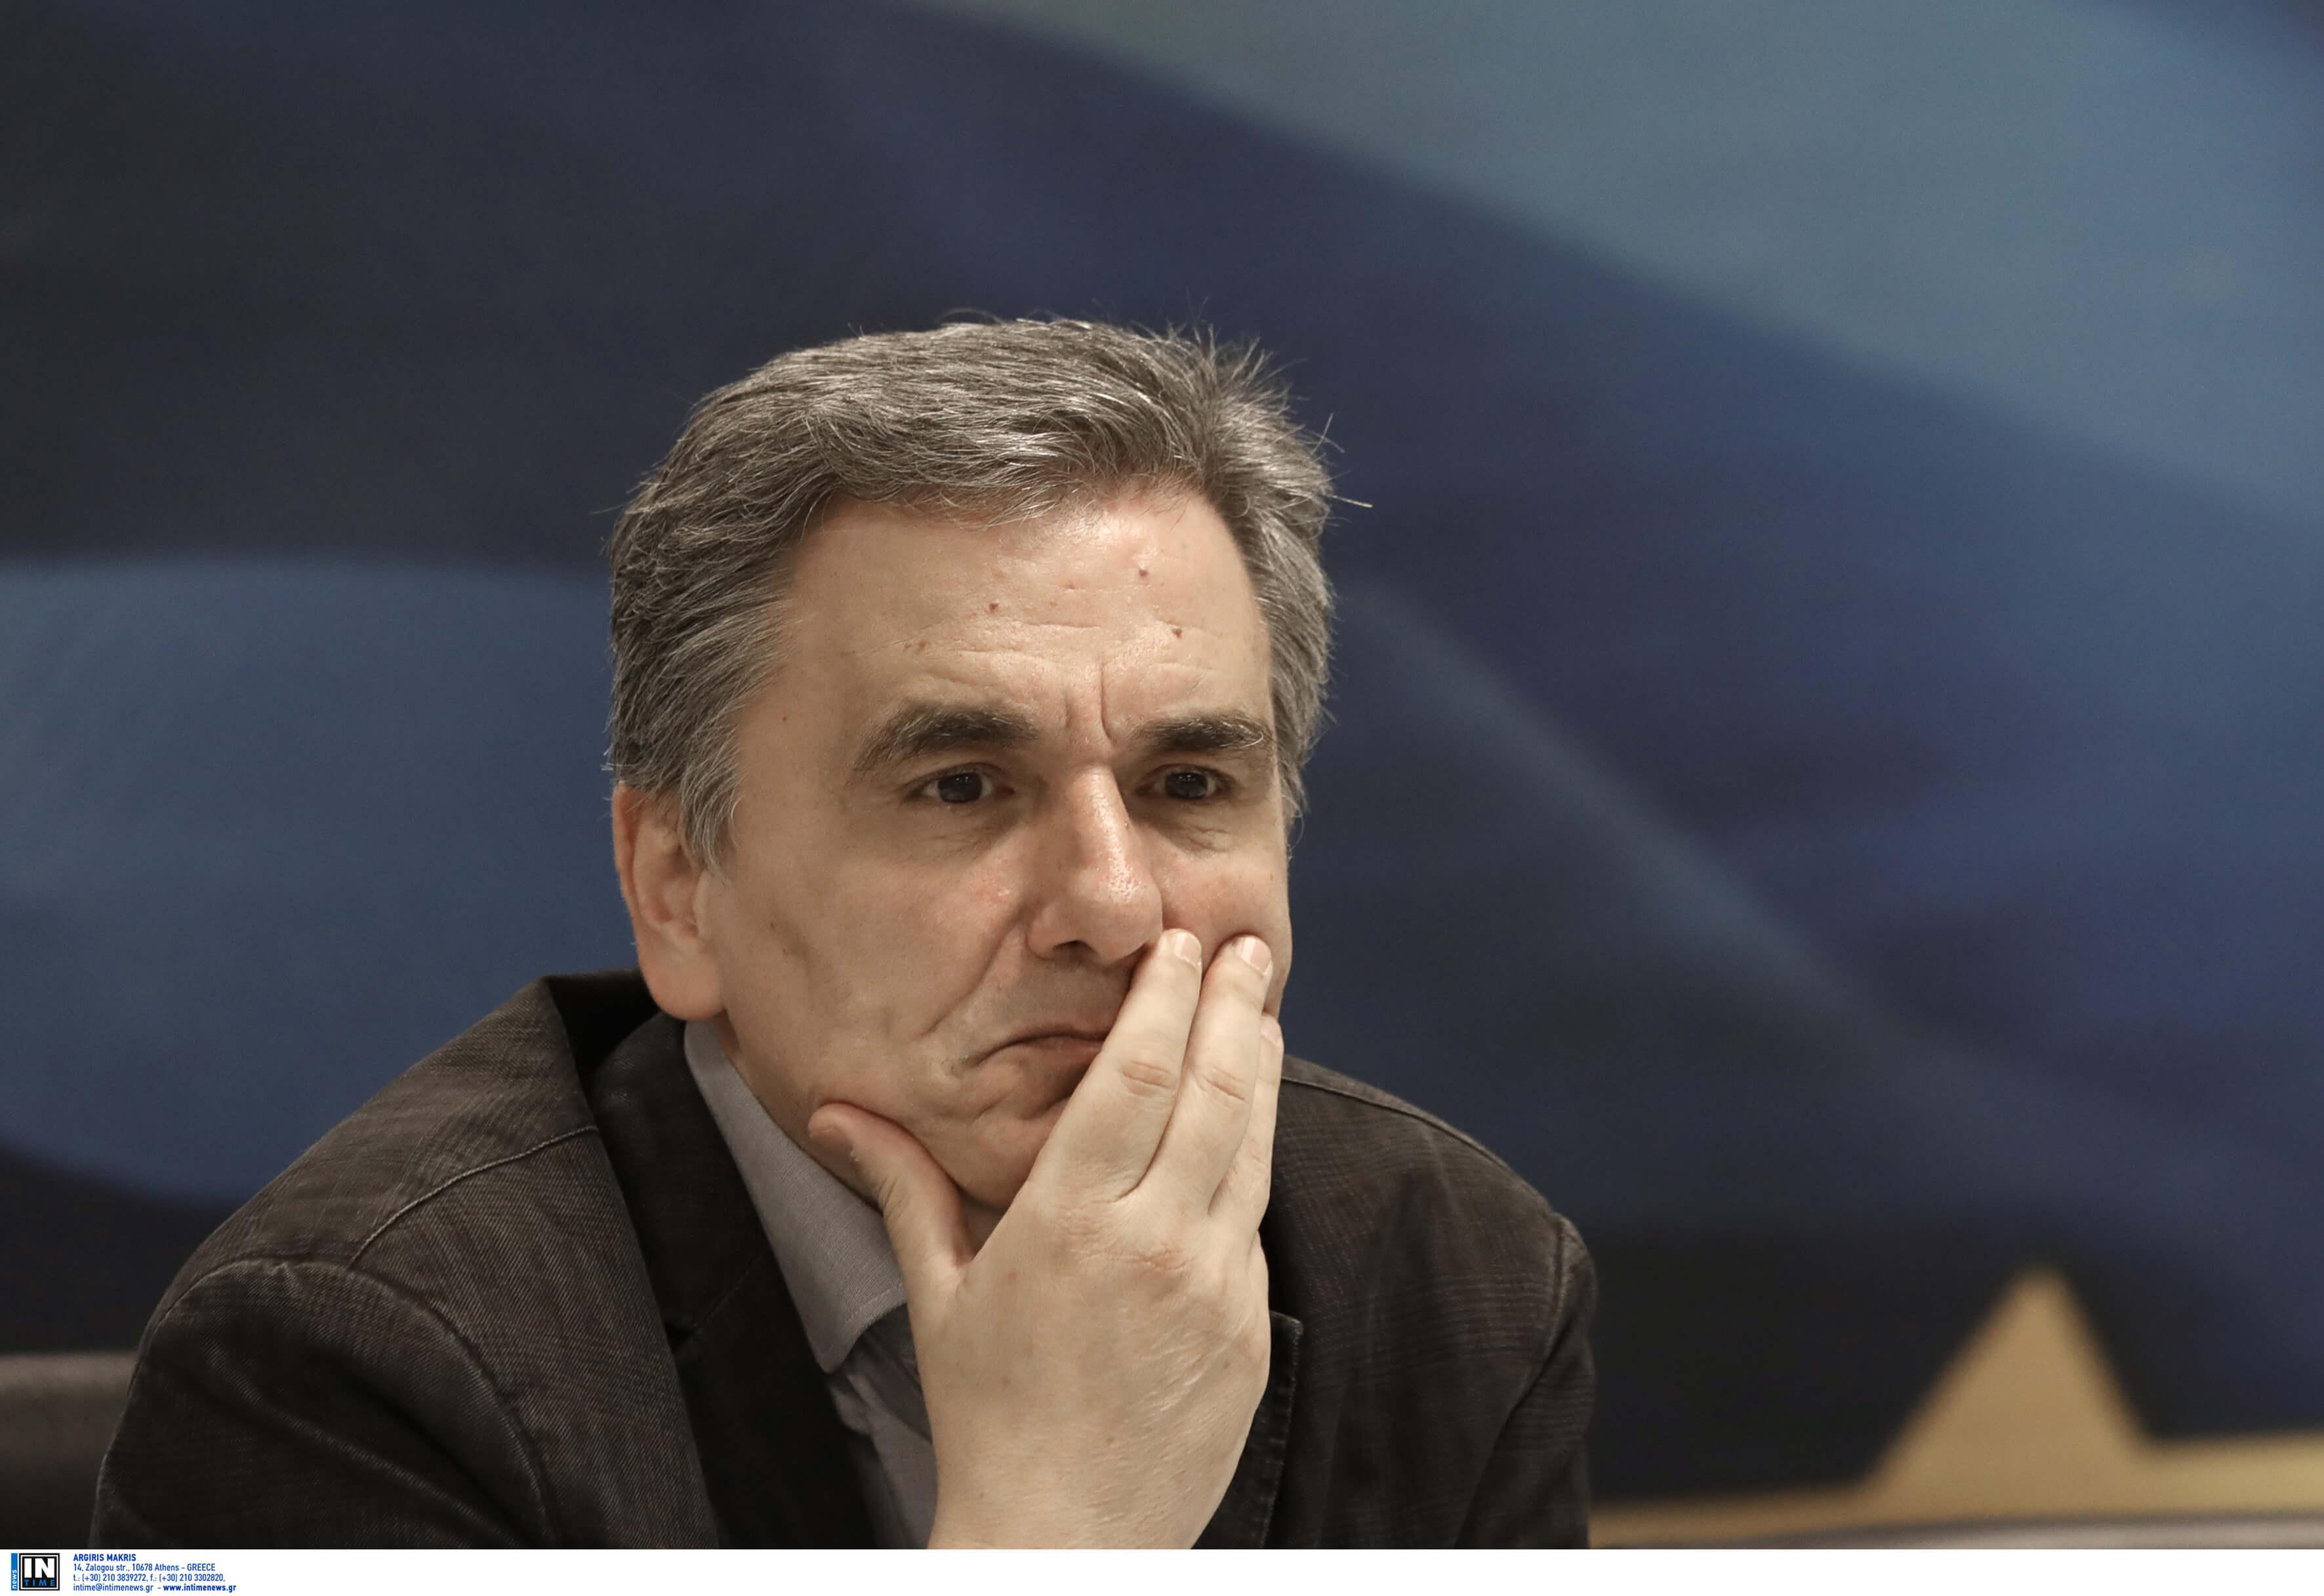 Τσακαλώτος: Η πρόωρη αποπληρωμή του ΔΝΤ είχε δρομολογηθεί από το ΣΥΡΙΖΑ